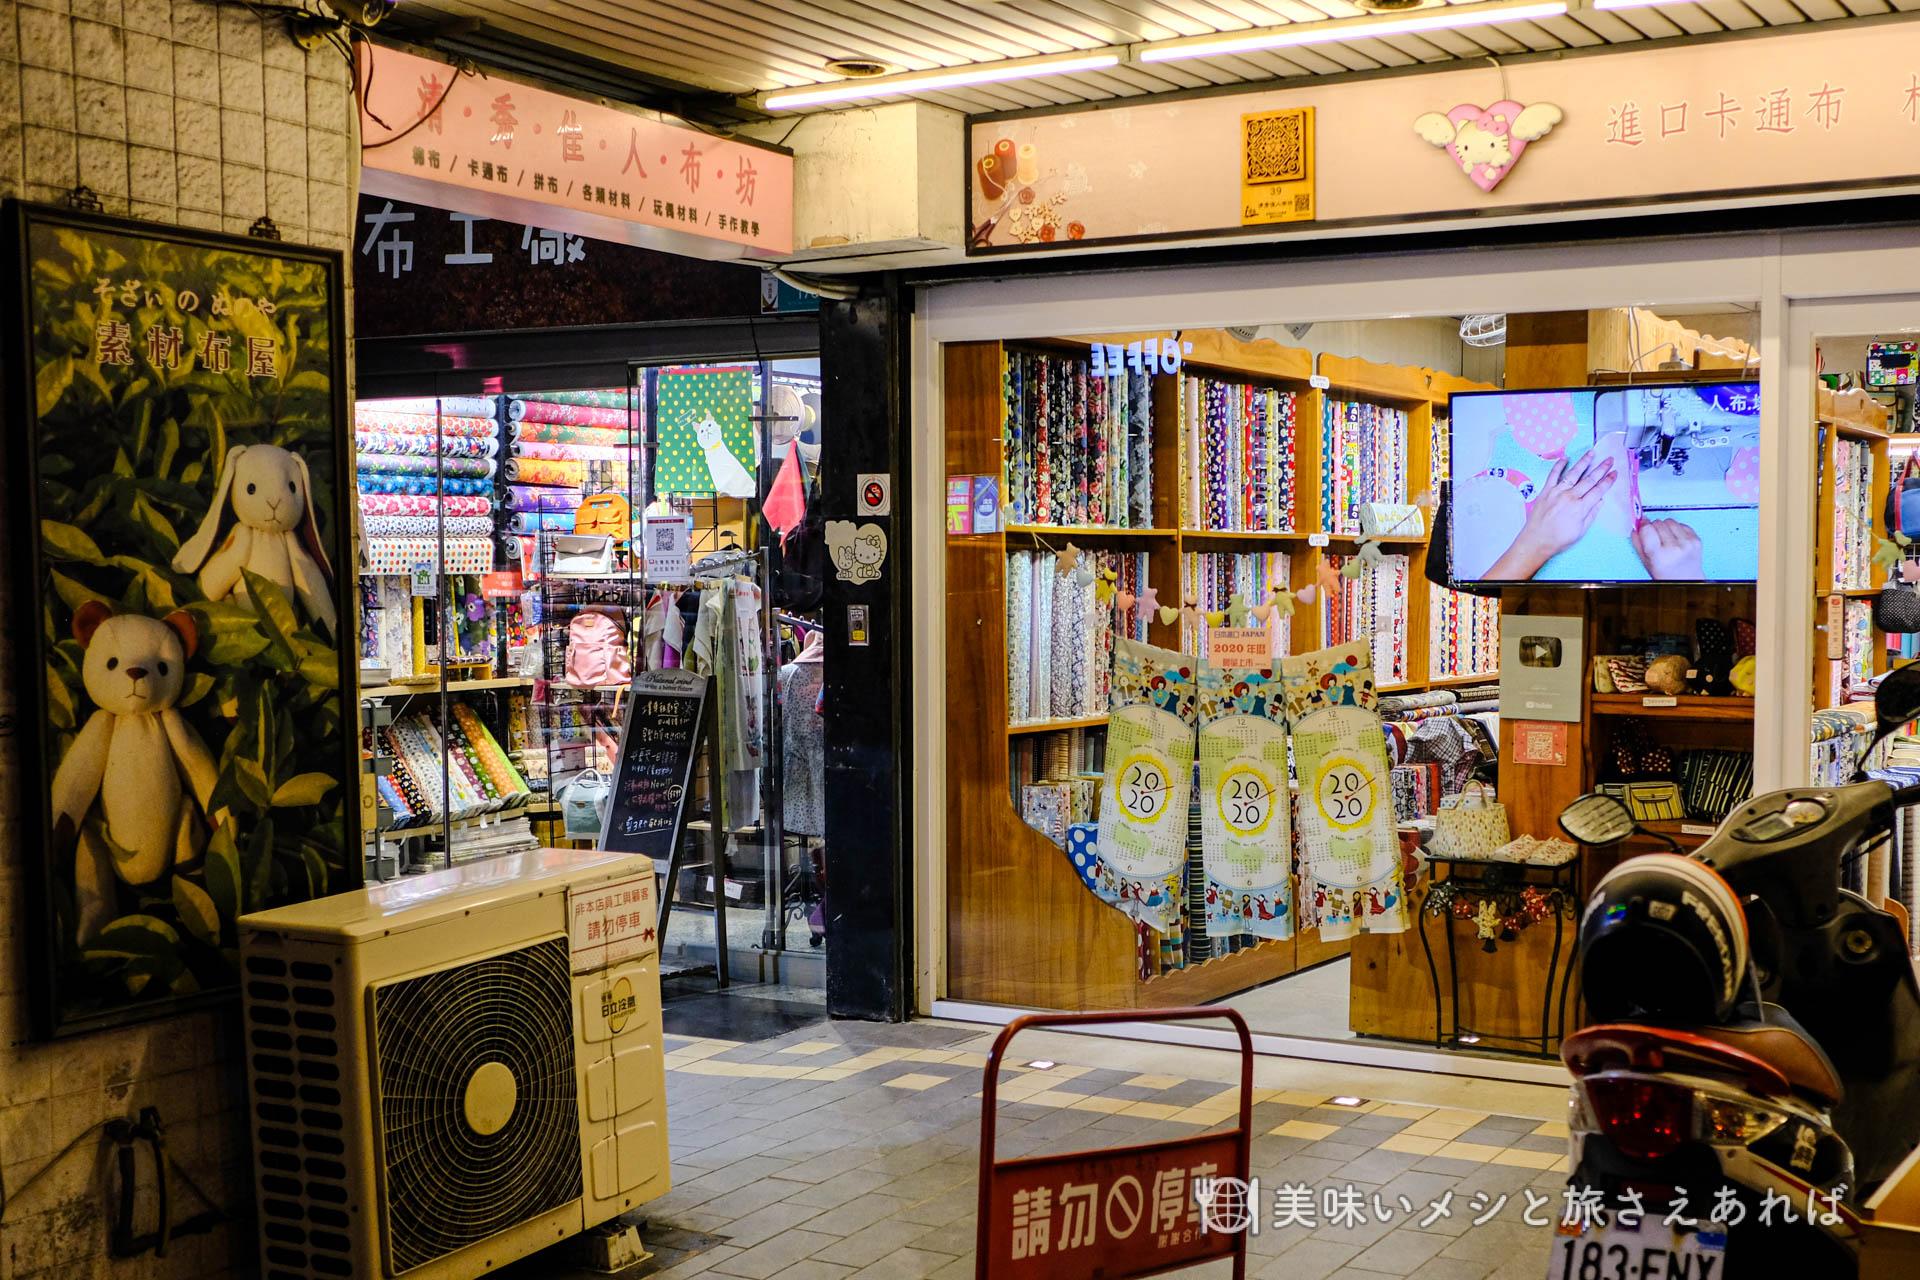 台湾には「の」を使った店が多い